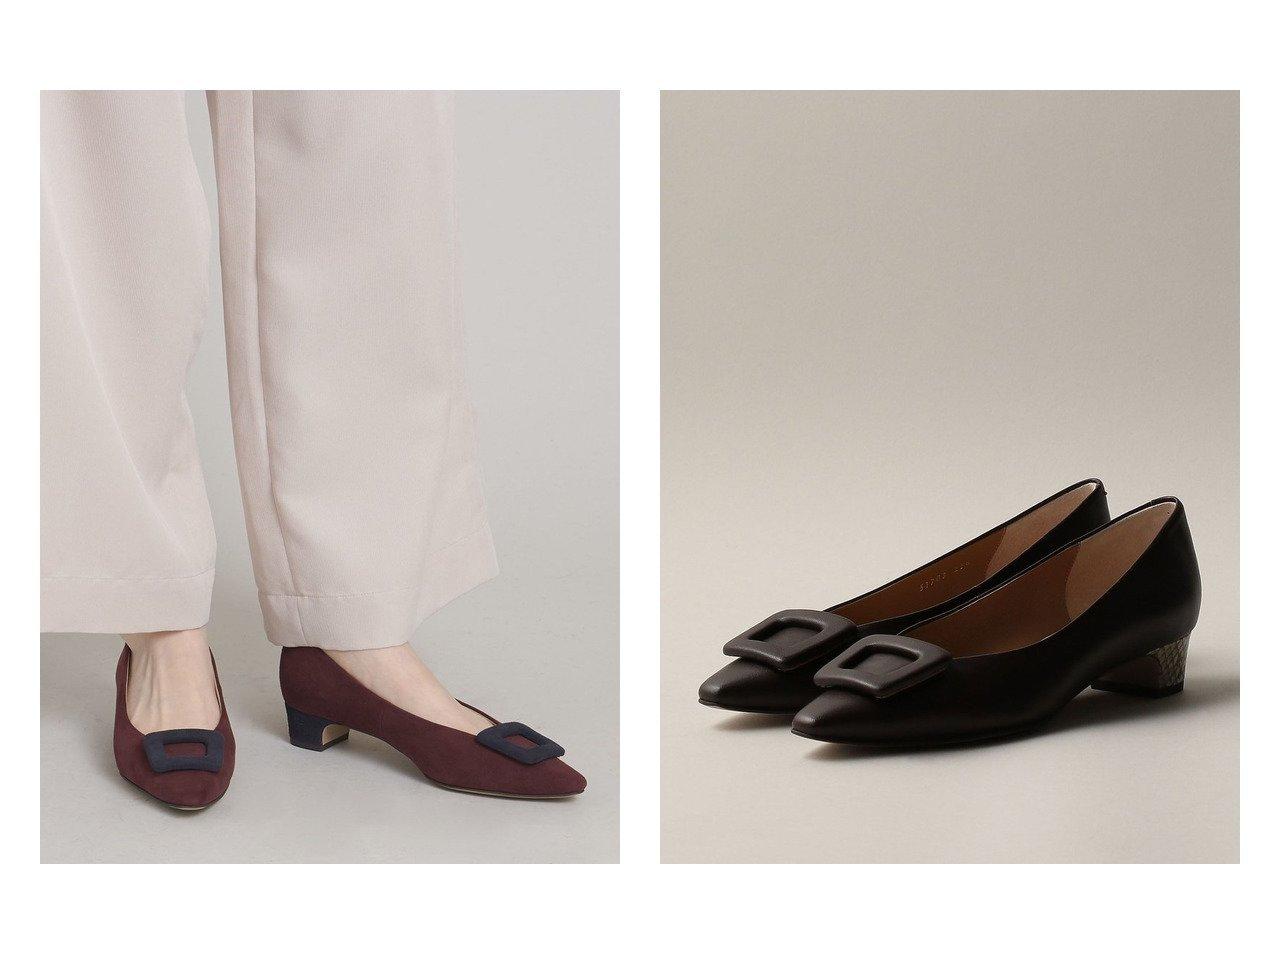 【Odette e Odile/オデット エ オディール】のフレームラップ パンプス30↑ 【シューズ・靴】おすすめ!人気、トレンド・レディースファッションの通販 おすすめで人気の流行・トレンド、ファッションの通販商品 インテリア・家具・メンズファッション・キッズファッション・レディースファッション・服の通販 founy(ファニー) https://founy.com/ ファッション Fashion レディースファッション WOMEN コンビ シューズ パイソン フレーム ラップ |ID:crp329100000072584